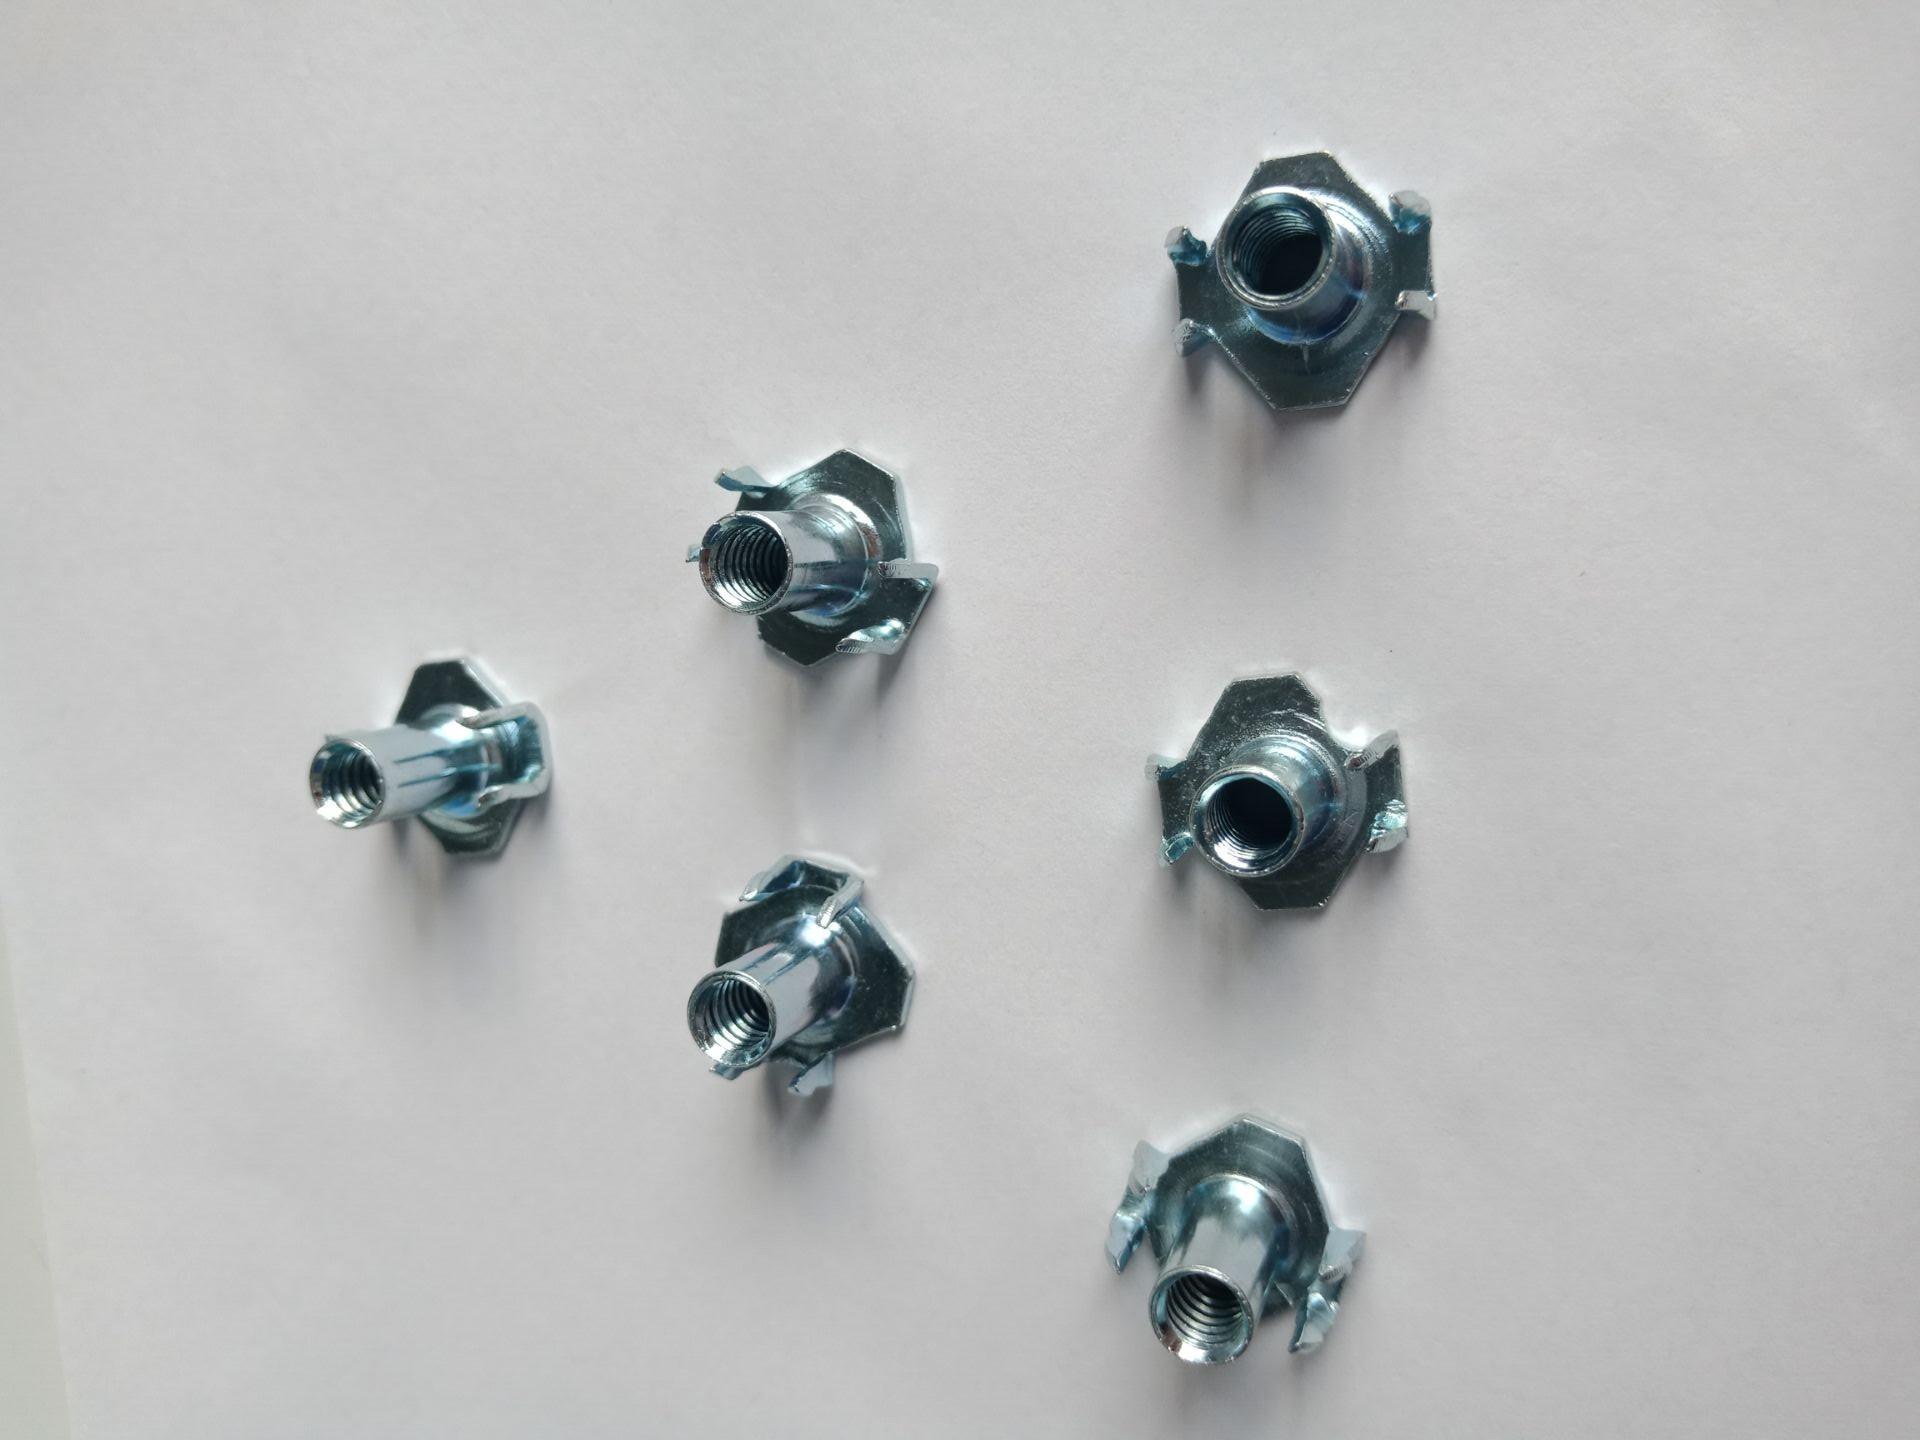 Half Thread Carbon Steel Tee Nuts